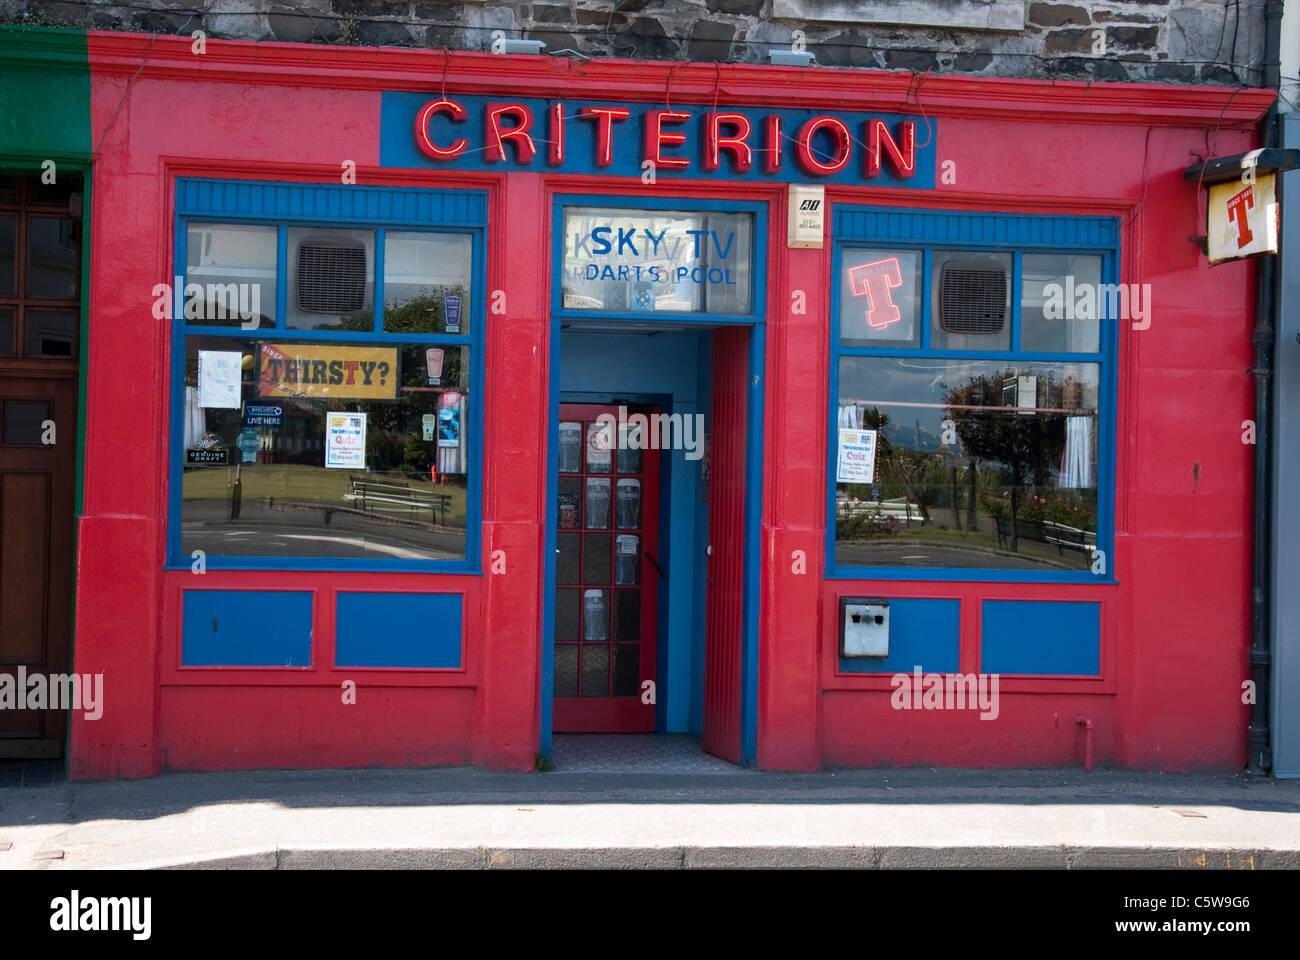 Criterion Bar Public House Gallowgate Rothesay Isle of Bute Argyll Scotland UK United Kingdom - Stock Image